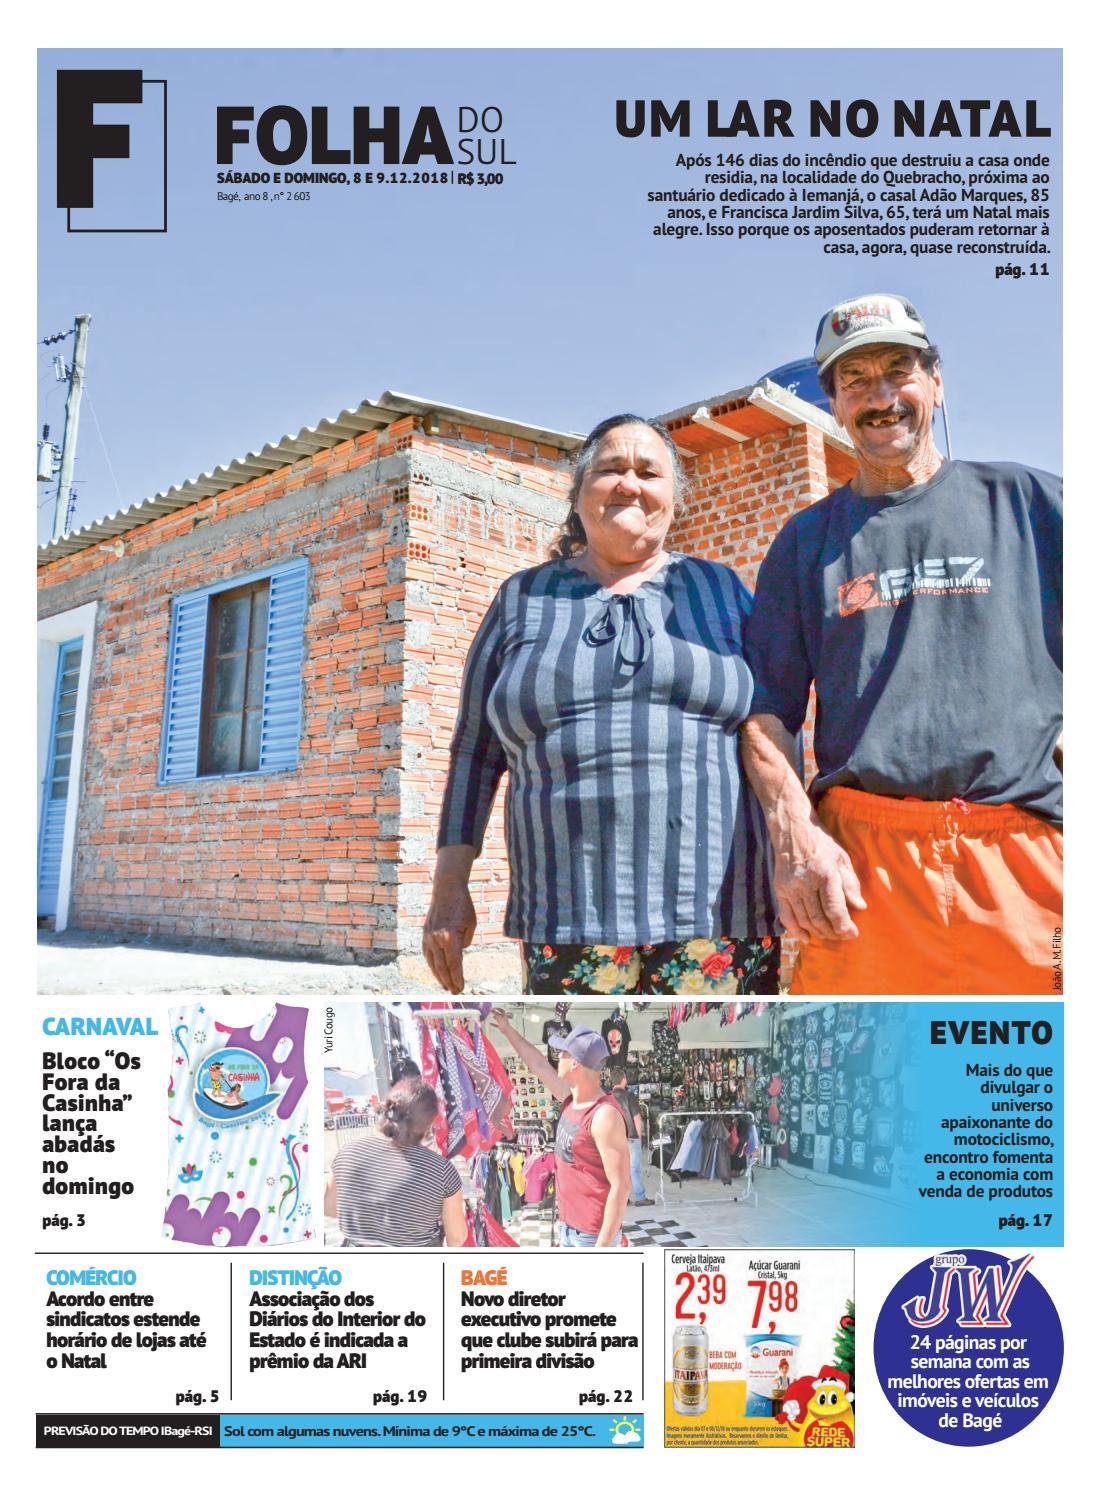 Jornal Folha do Sul, 8 e 9 de dezembro de 2018 by Folha do Sul Gaúcho -  issuu 55e74d087f